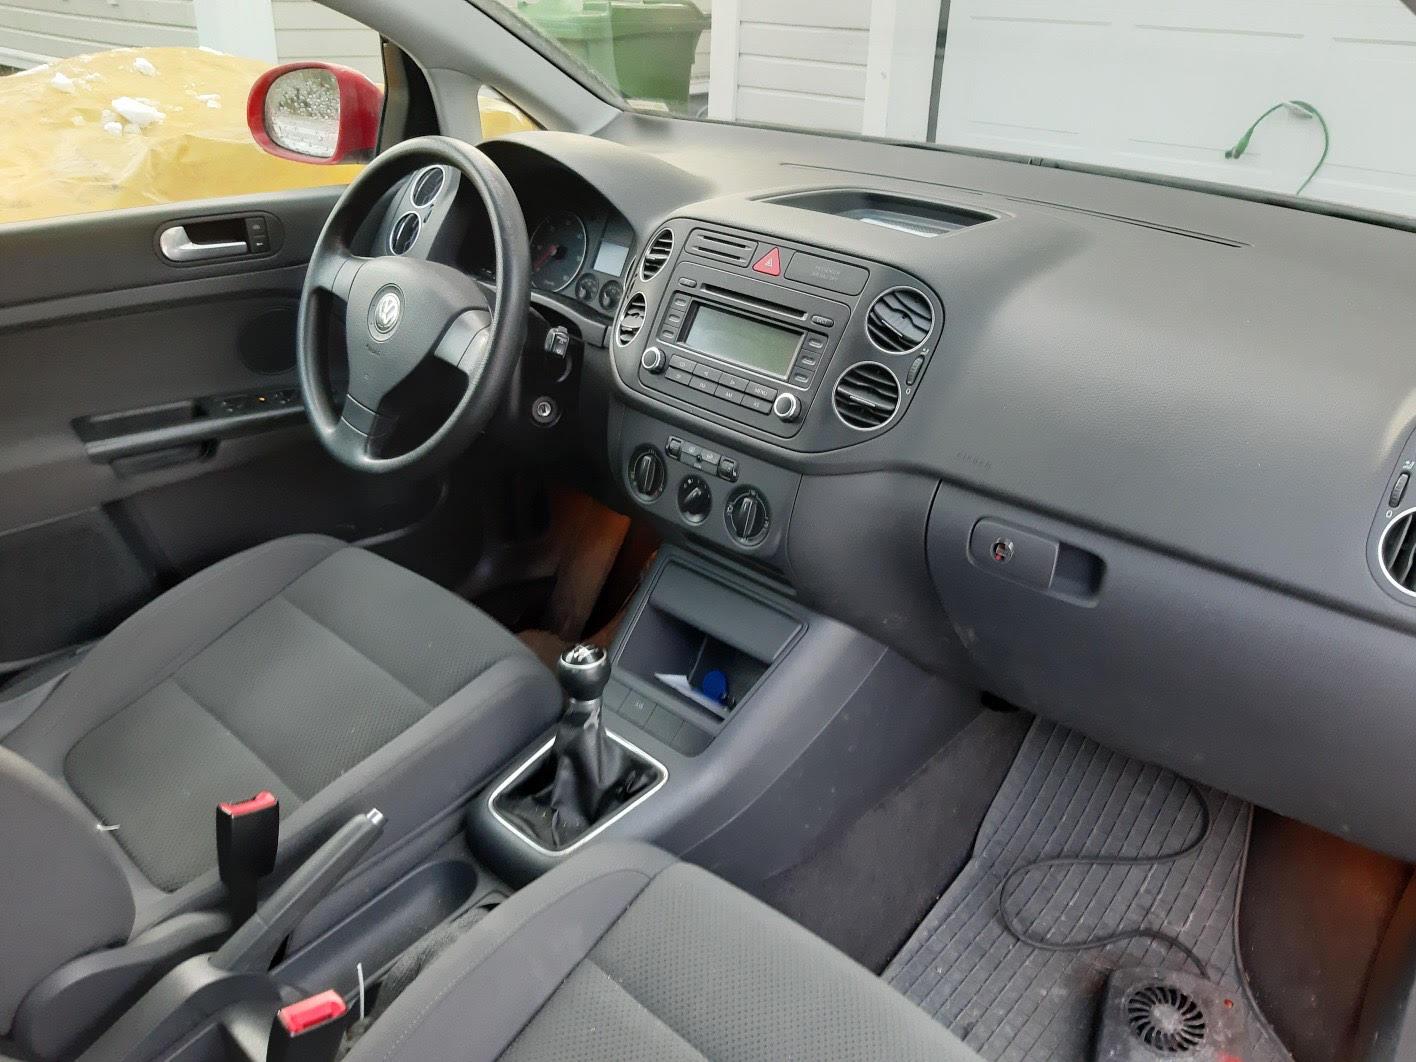 Volkswagen Golf Plus 2.0 TDI PwD Comfortline 5d